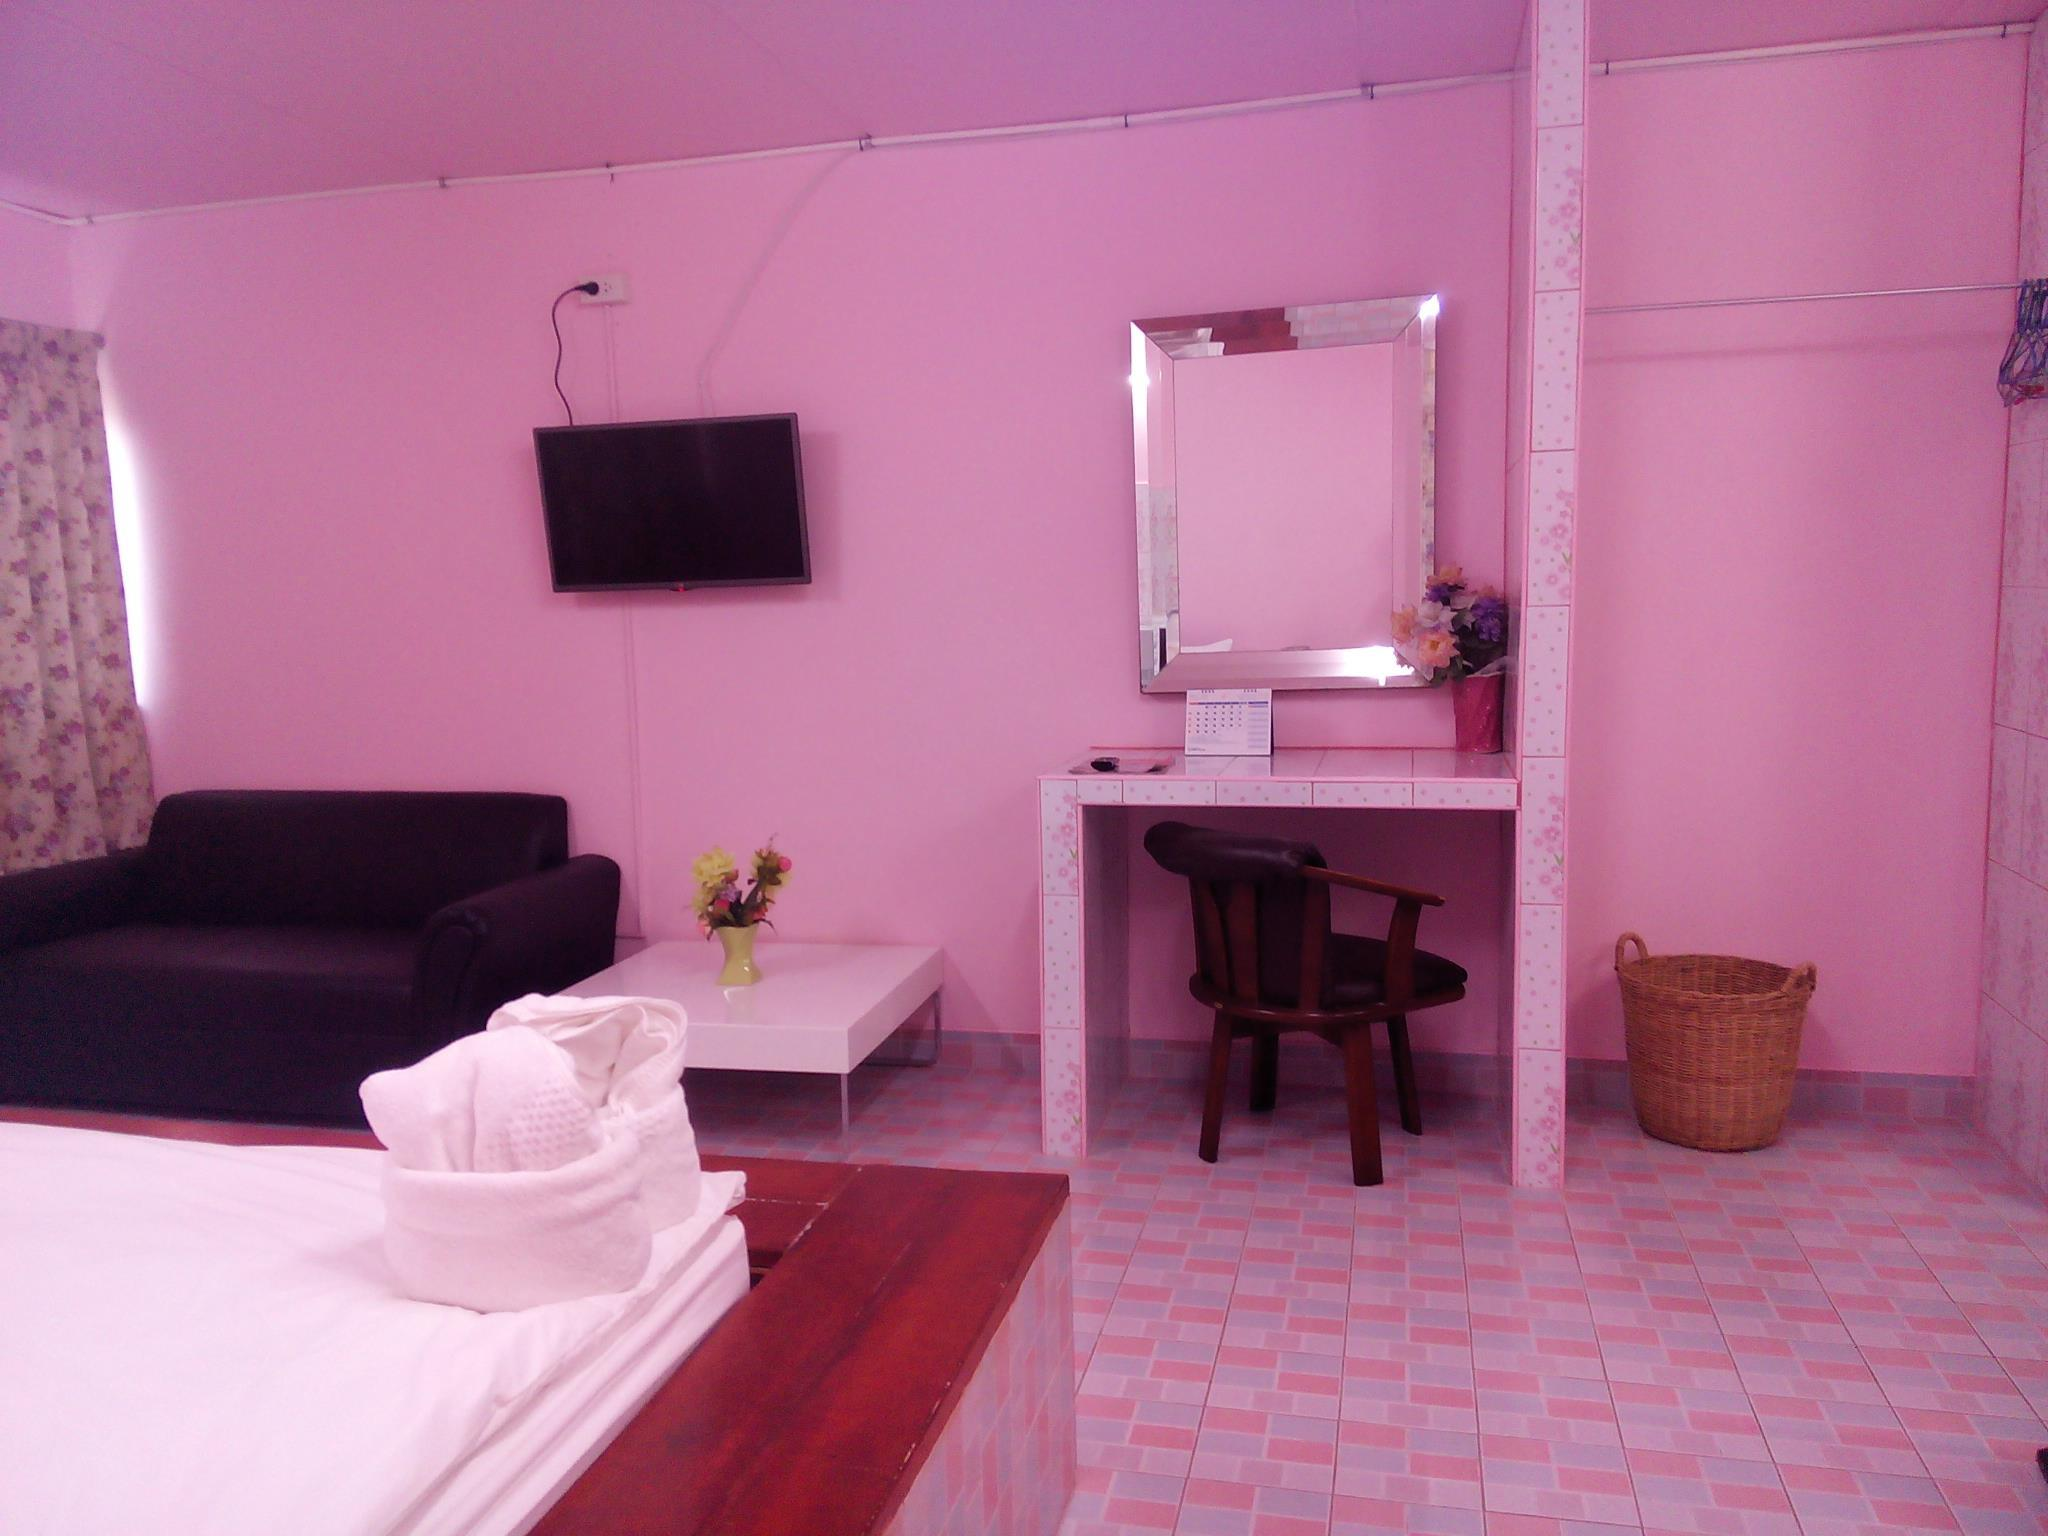 อพาร์ตเมนต์ 1 ห้องนอน 1 ห้องน้ำส่วนตัว ขนาด 28 ตร.ม. – สนามบินนานาชาติดอนเมือง